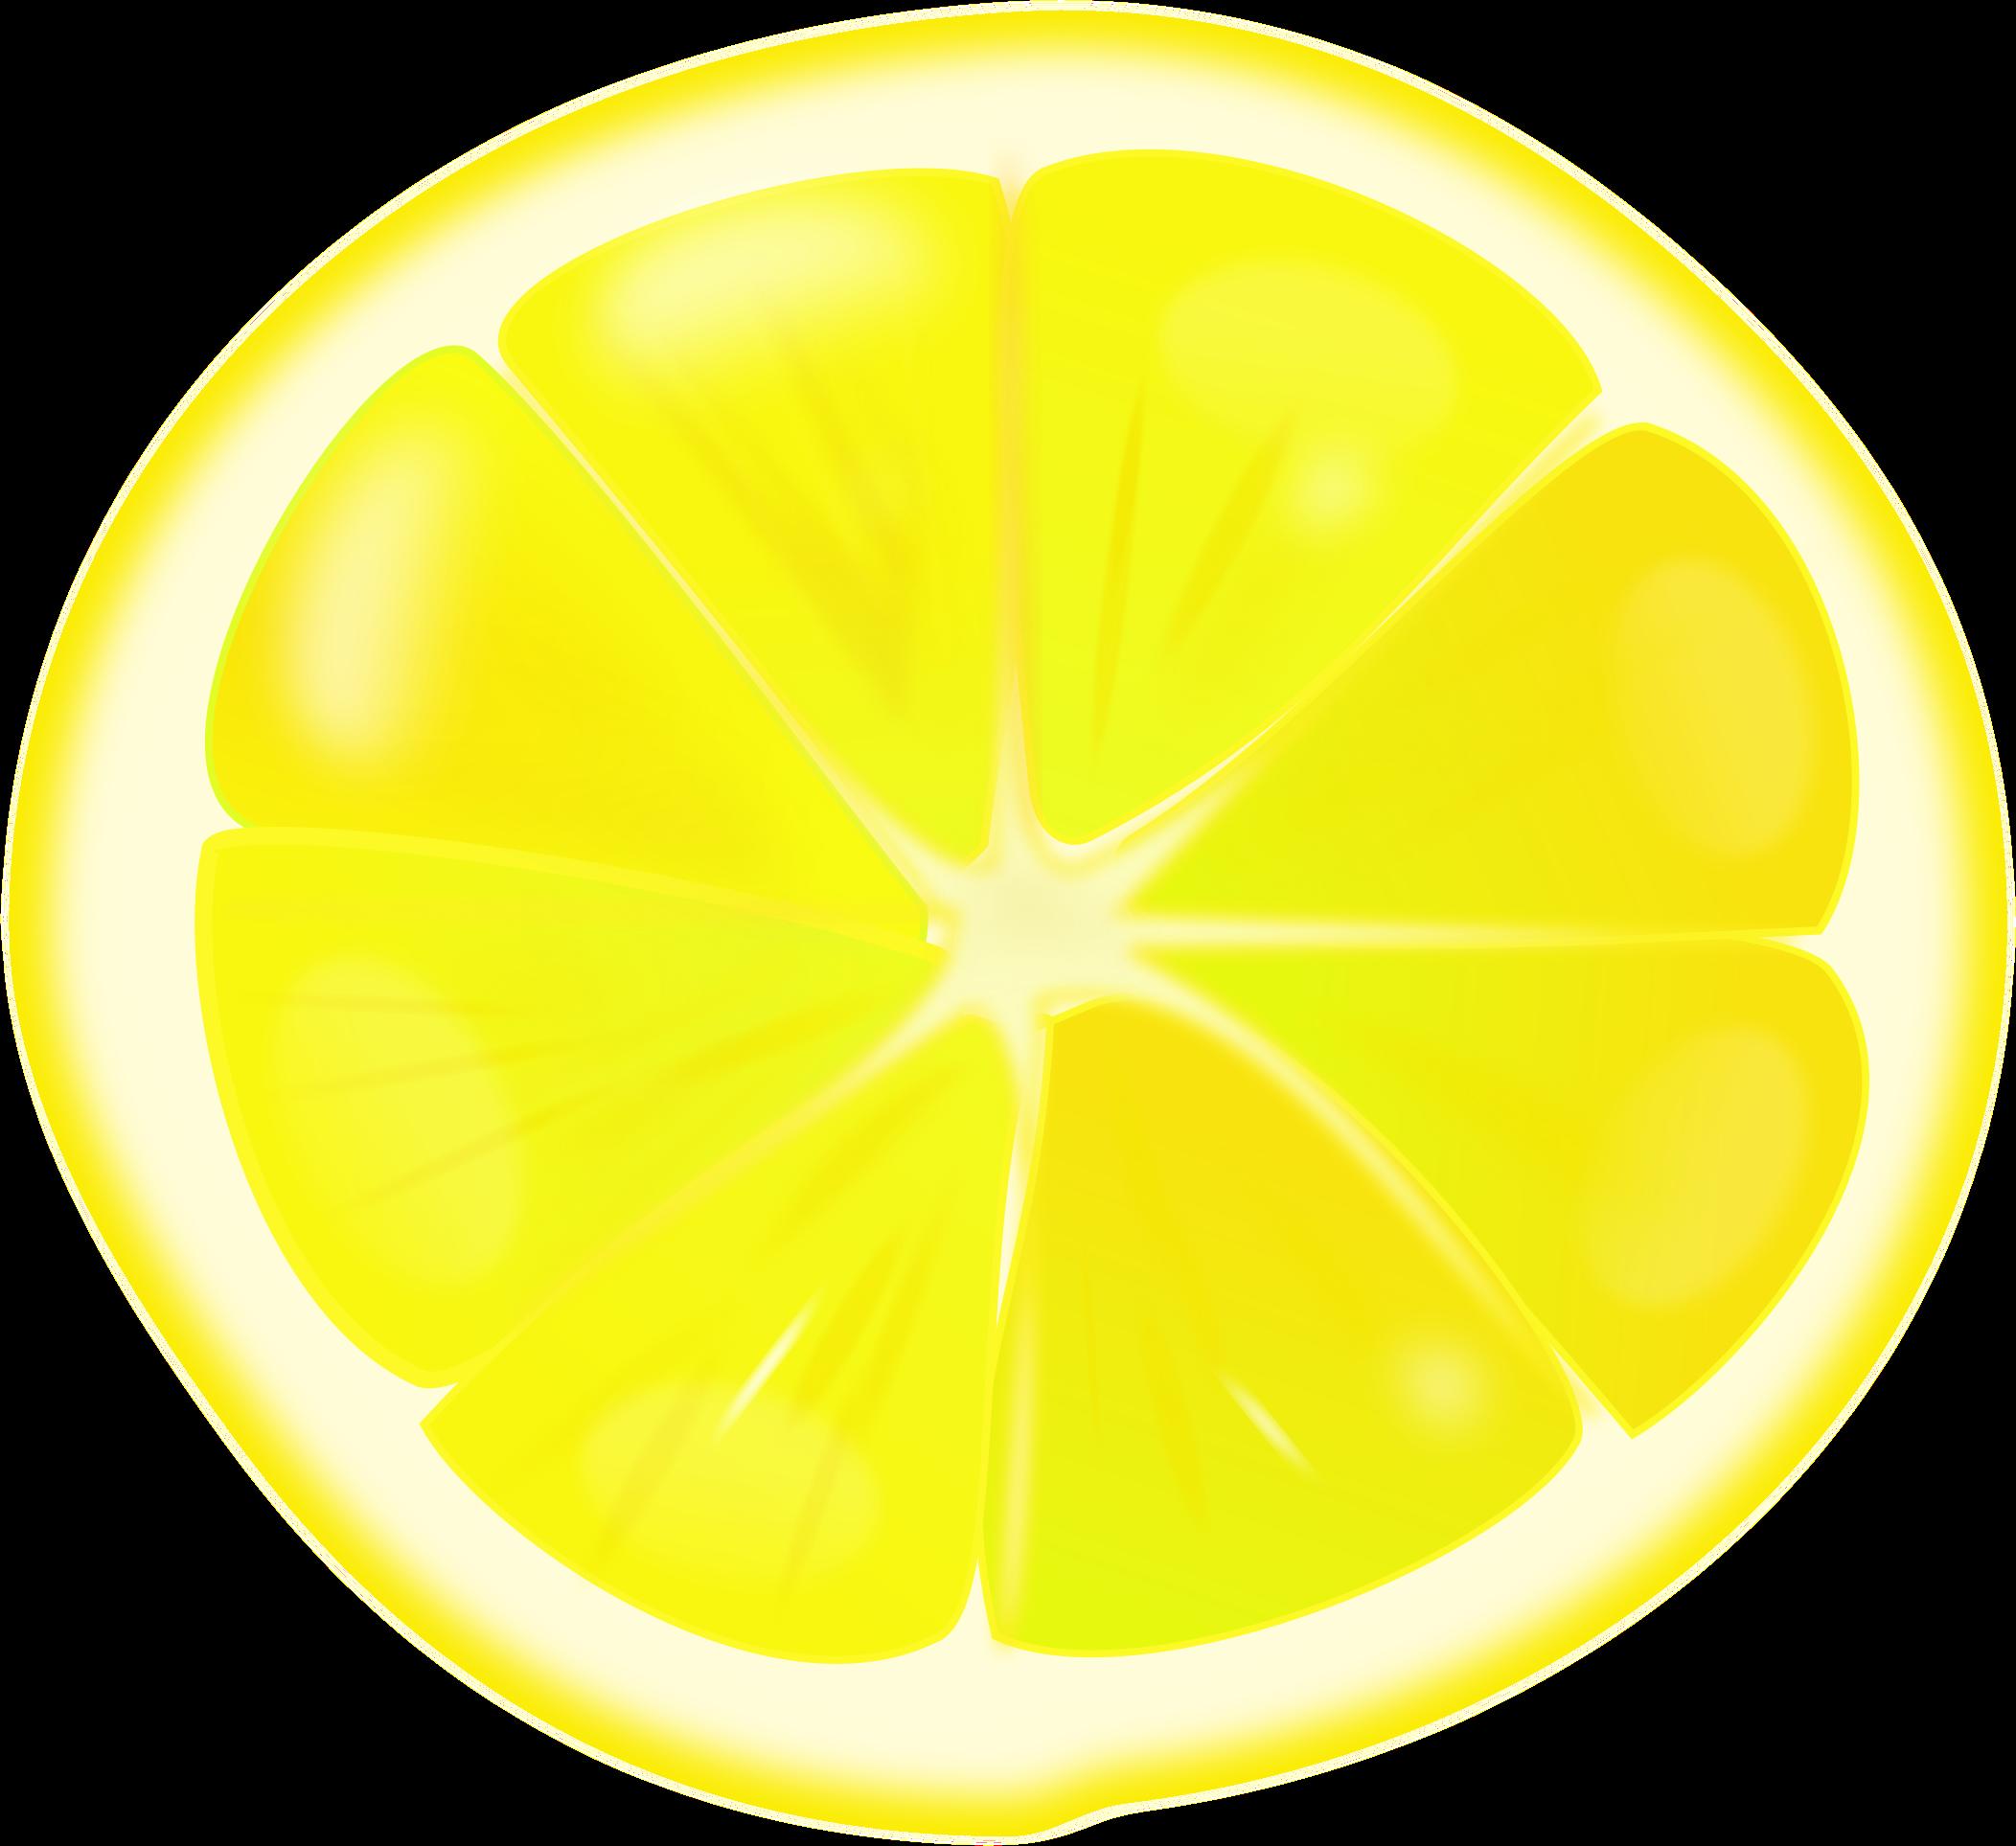 Lemons clipart sliced. Lemon slice big image